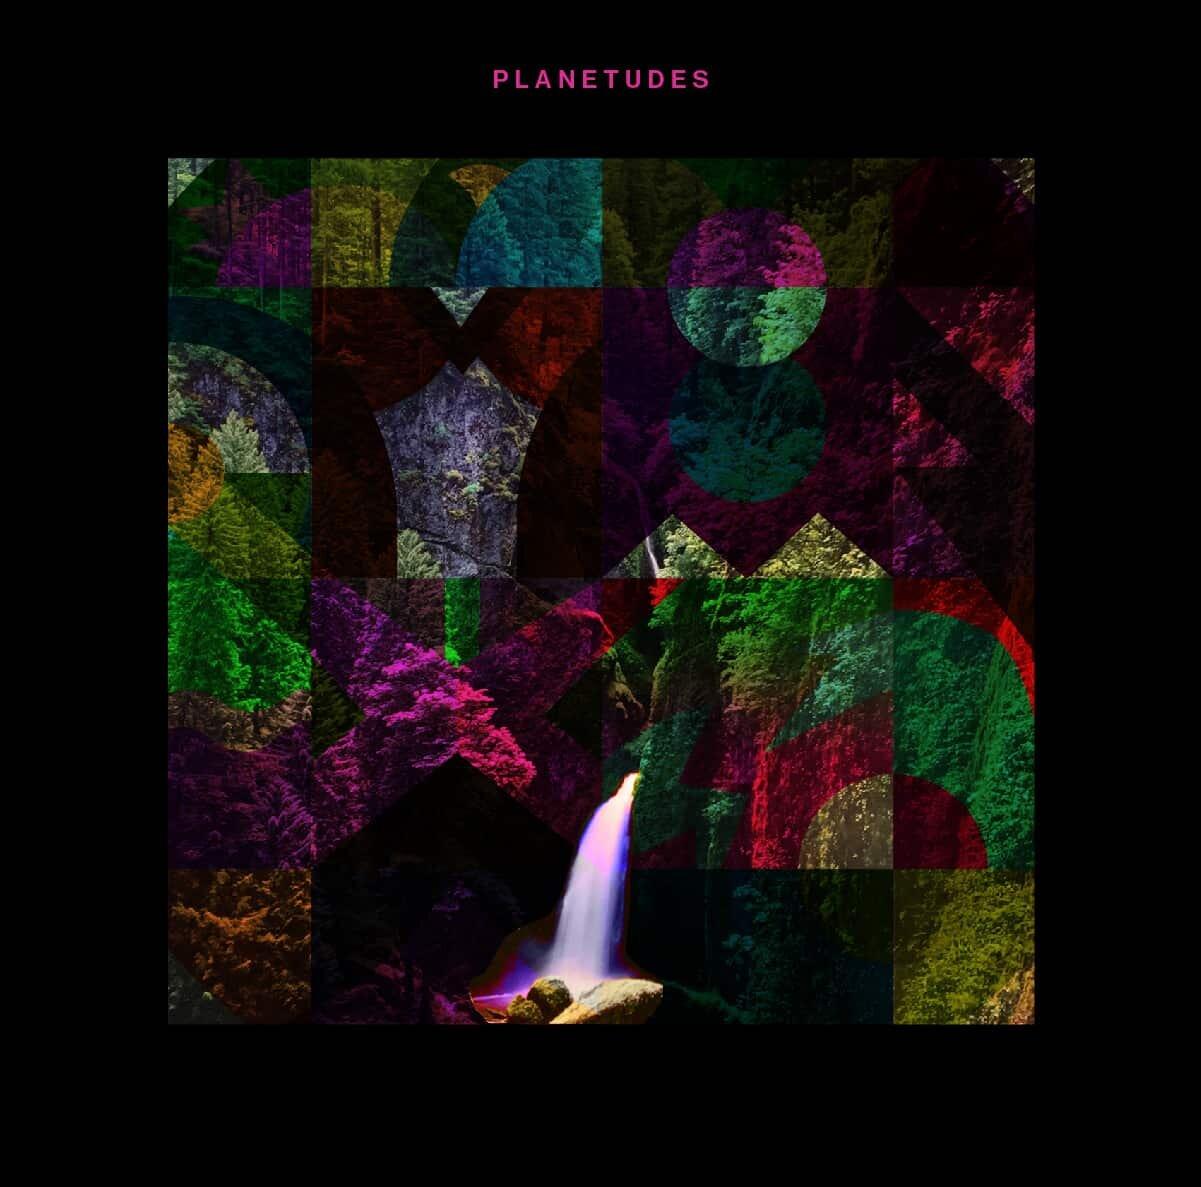 Planetudes, 2019